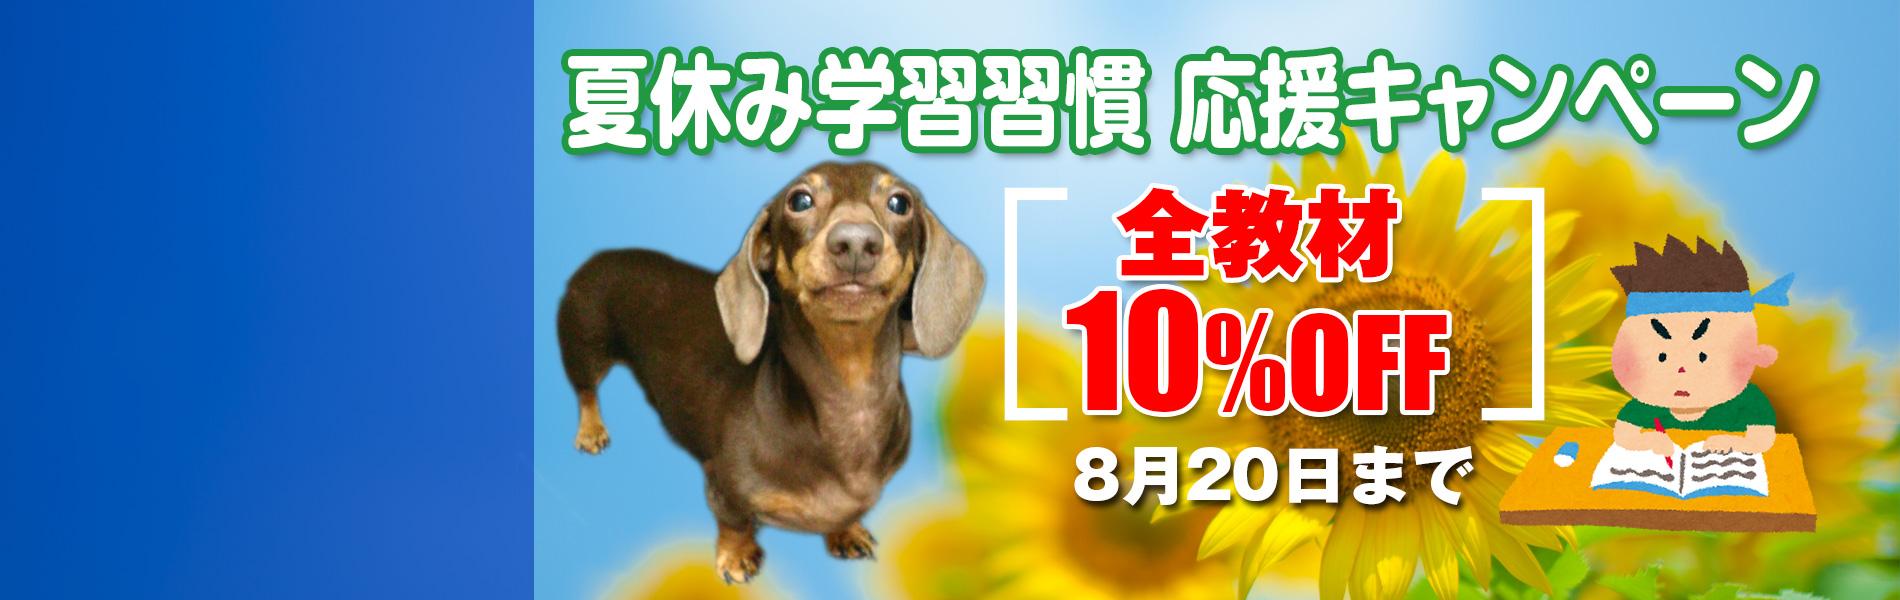 夏休み学習習慣 応援キャンペーン